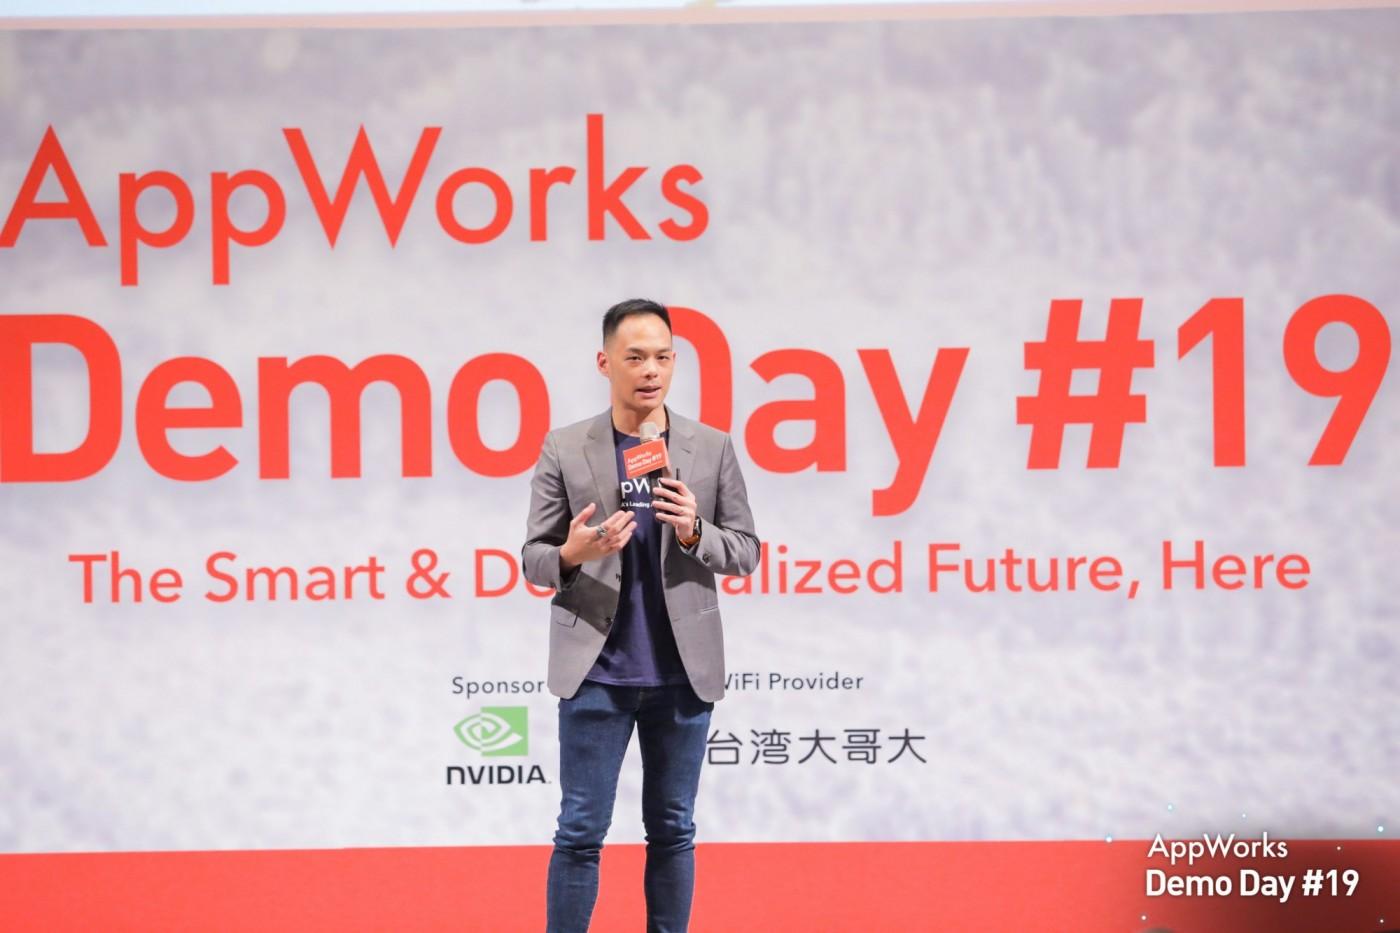 6成以上團隊來自國際,林之晨高喊「大東南亞」!AppWorks #19值得關注的5家新創